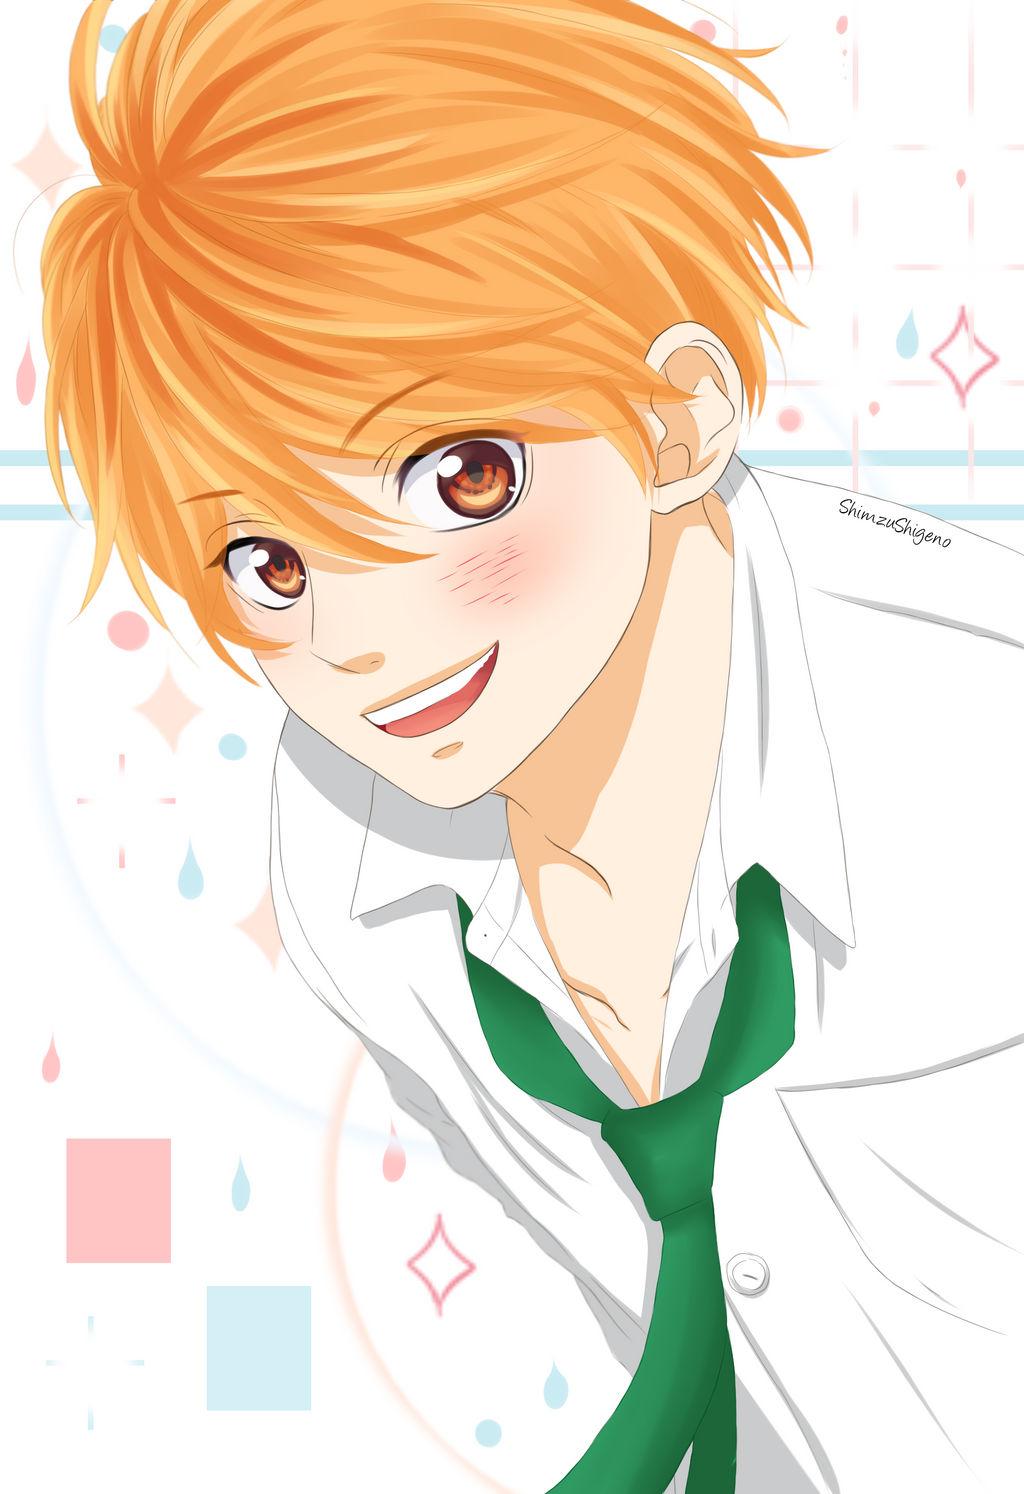 Haru hatsu Taka and